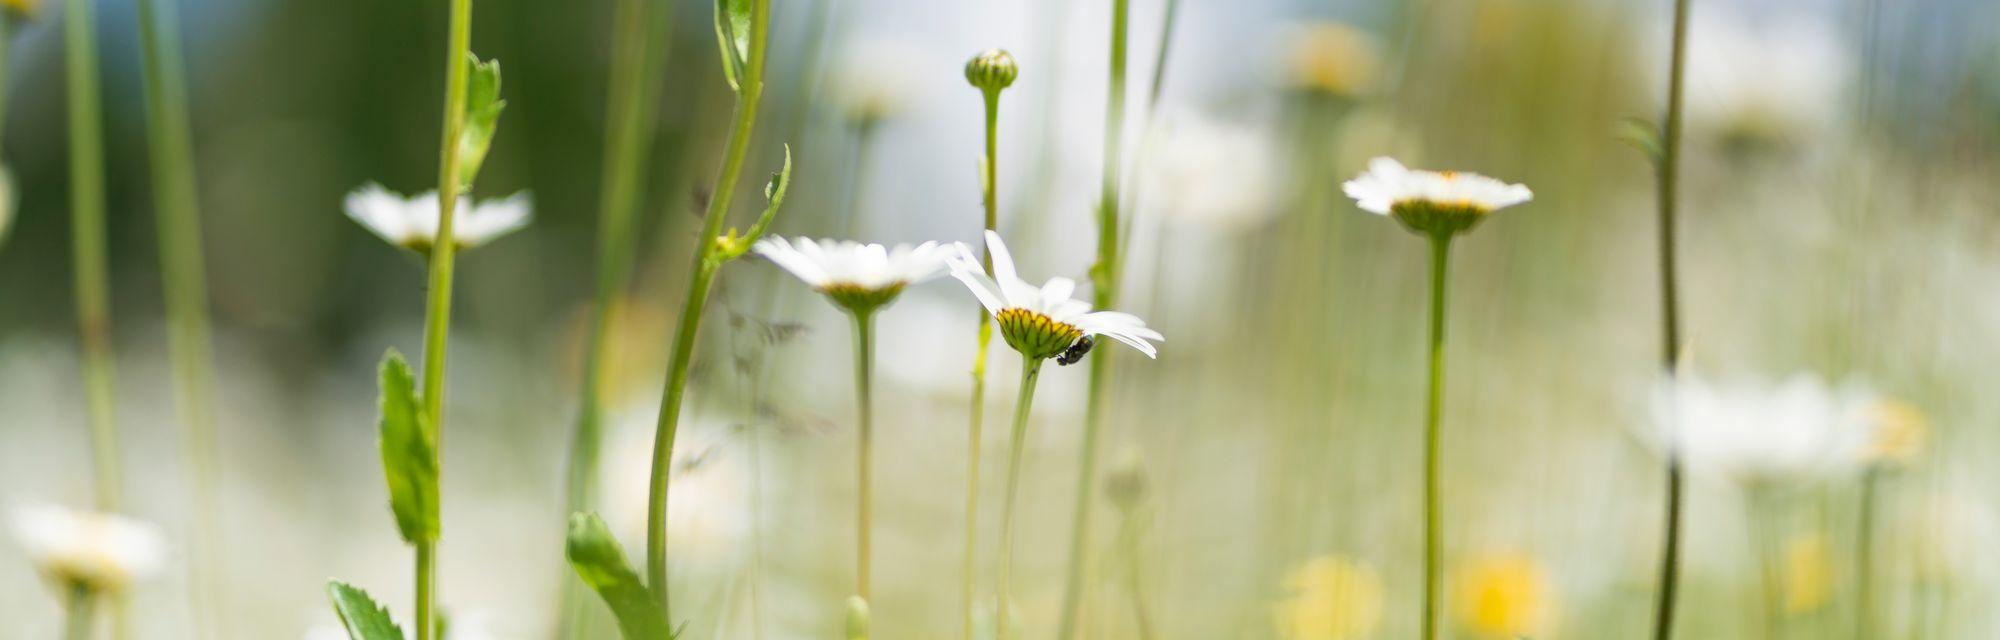 Landhaus Streklhof - Wir lieben die Natur